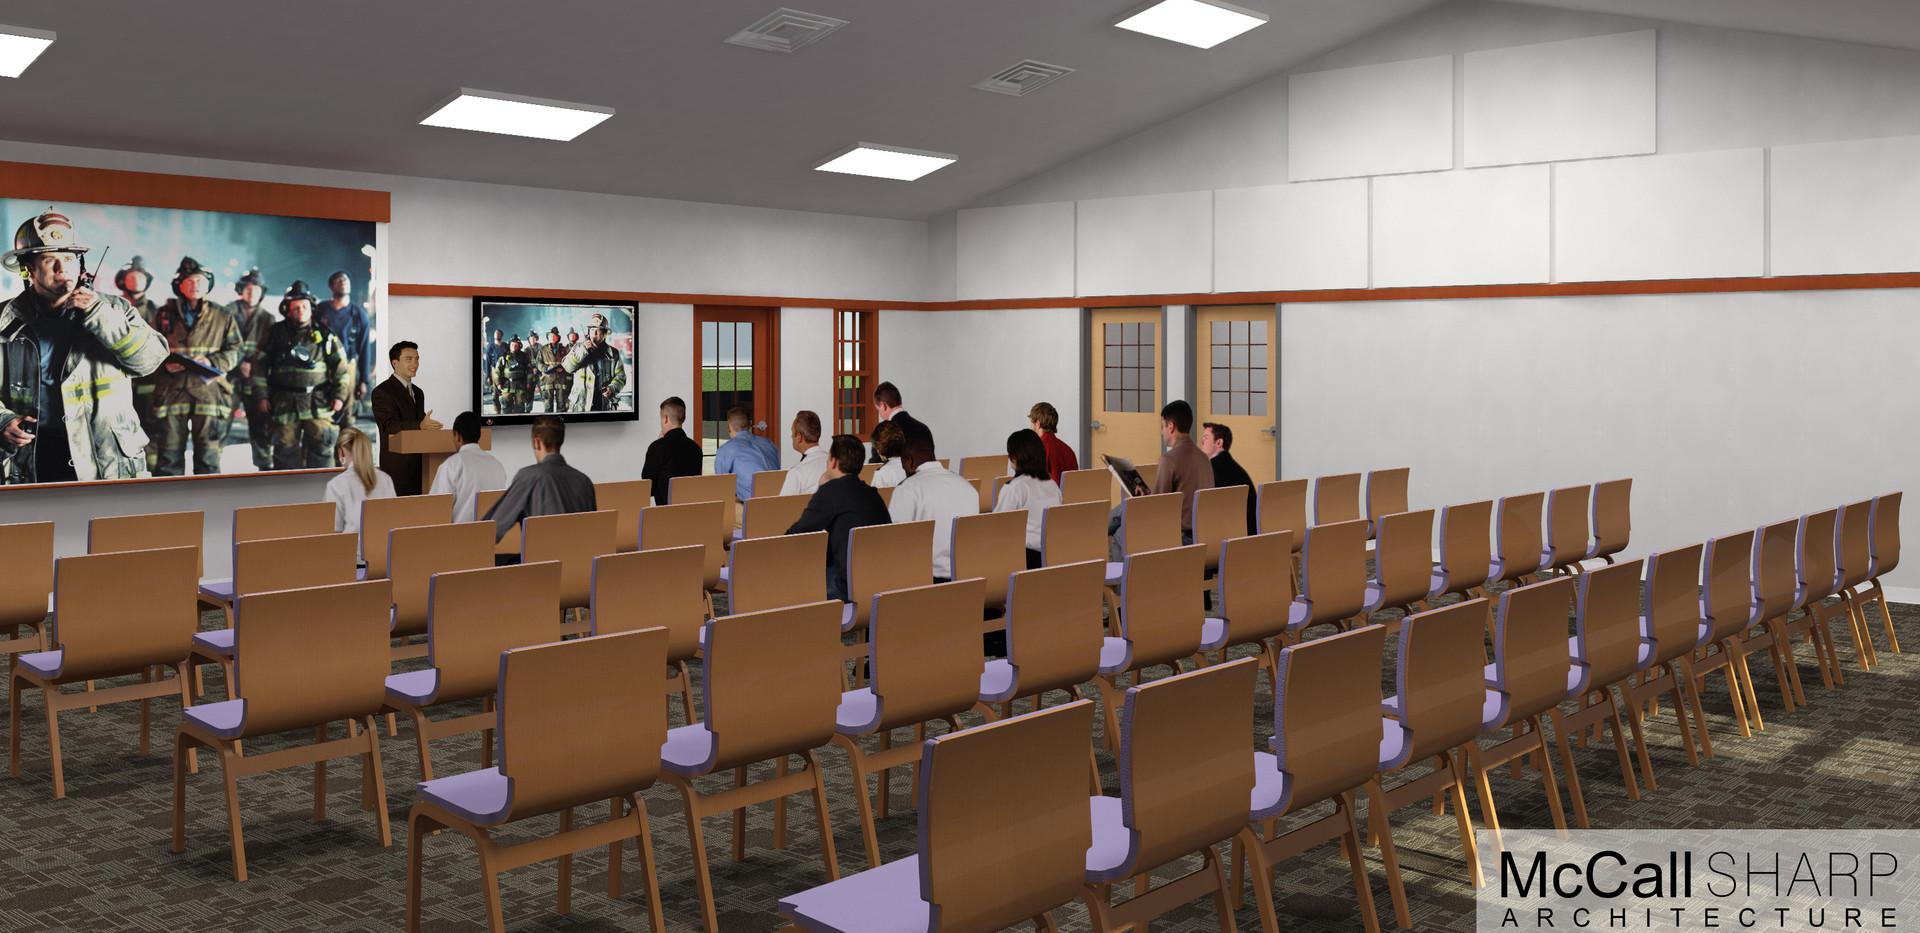 Rendering of Meeting Room